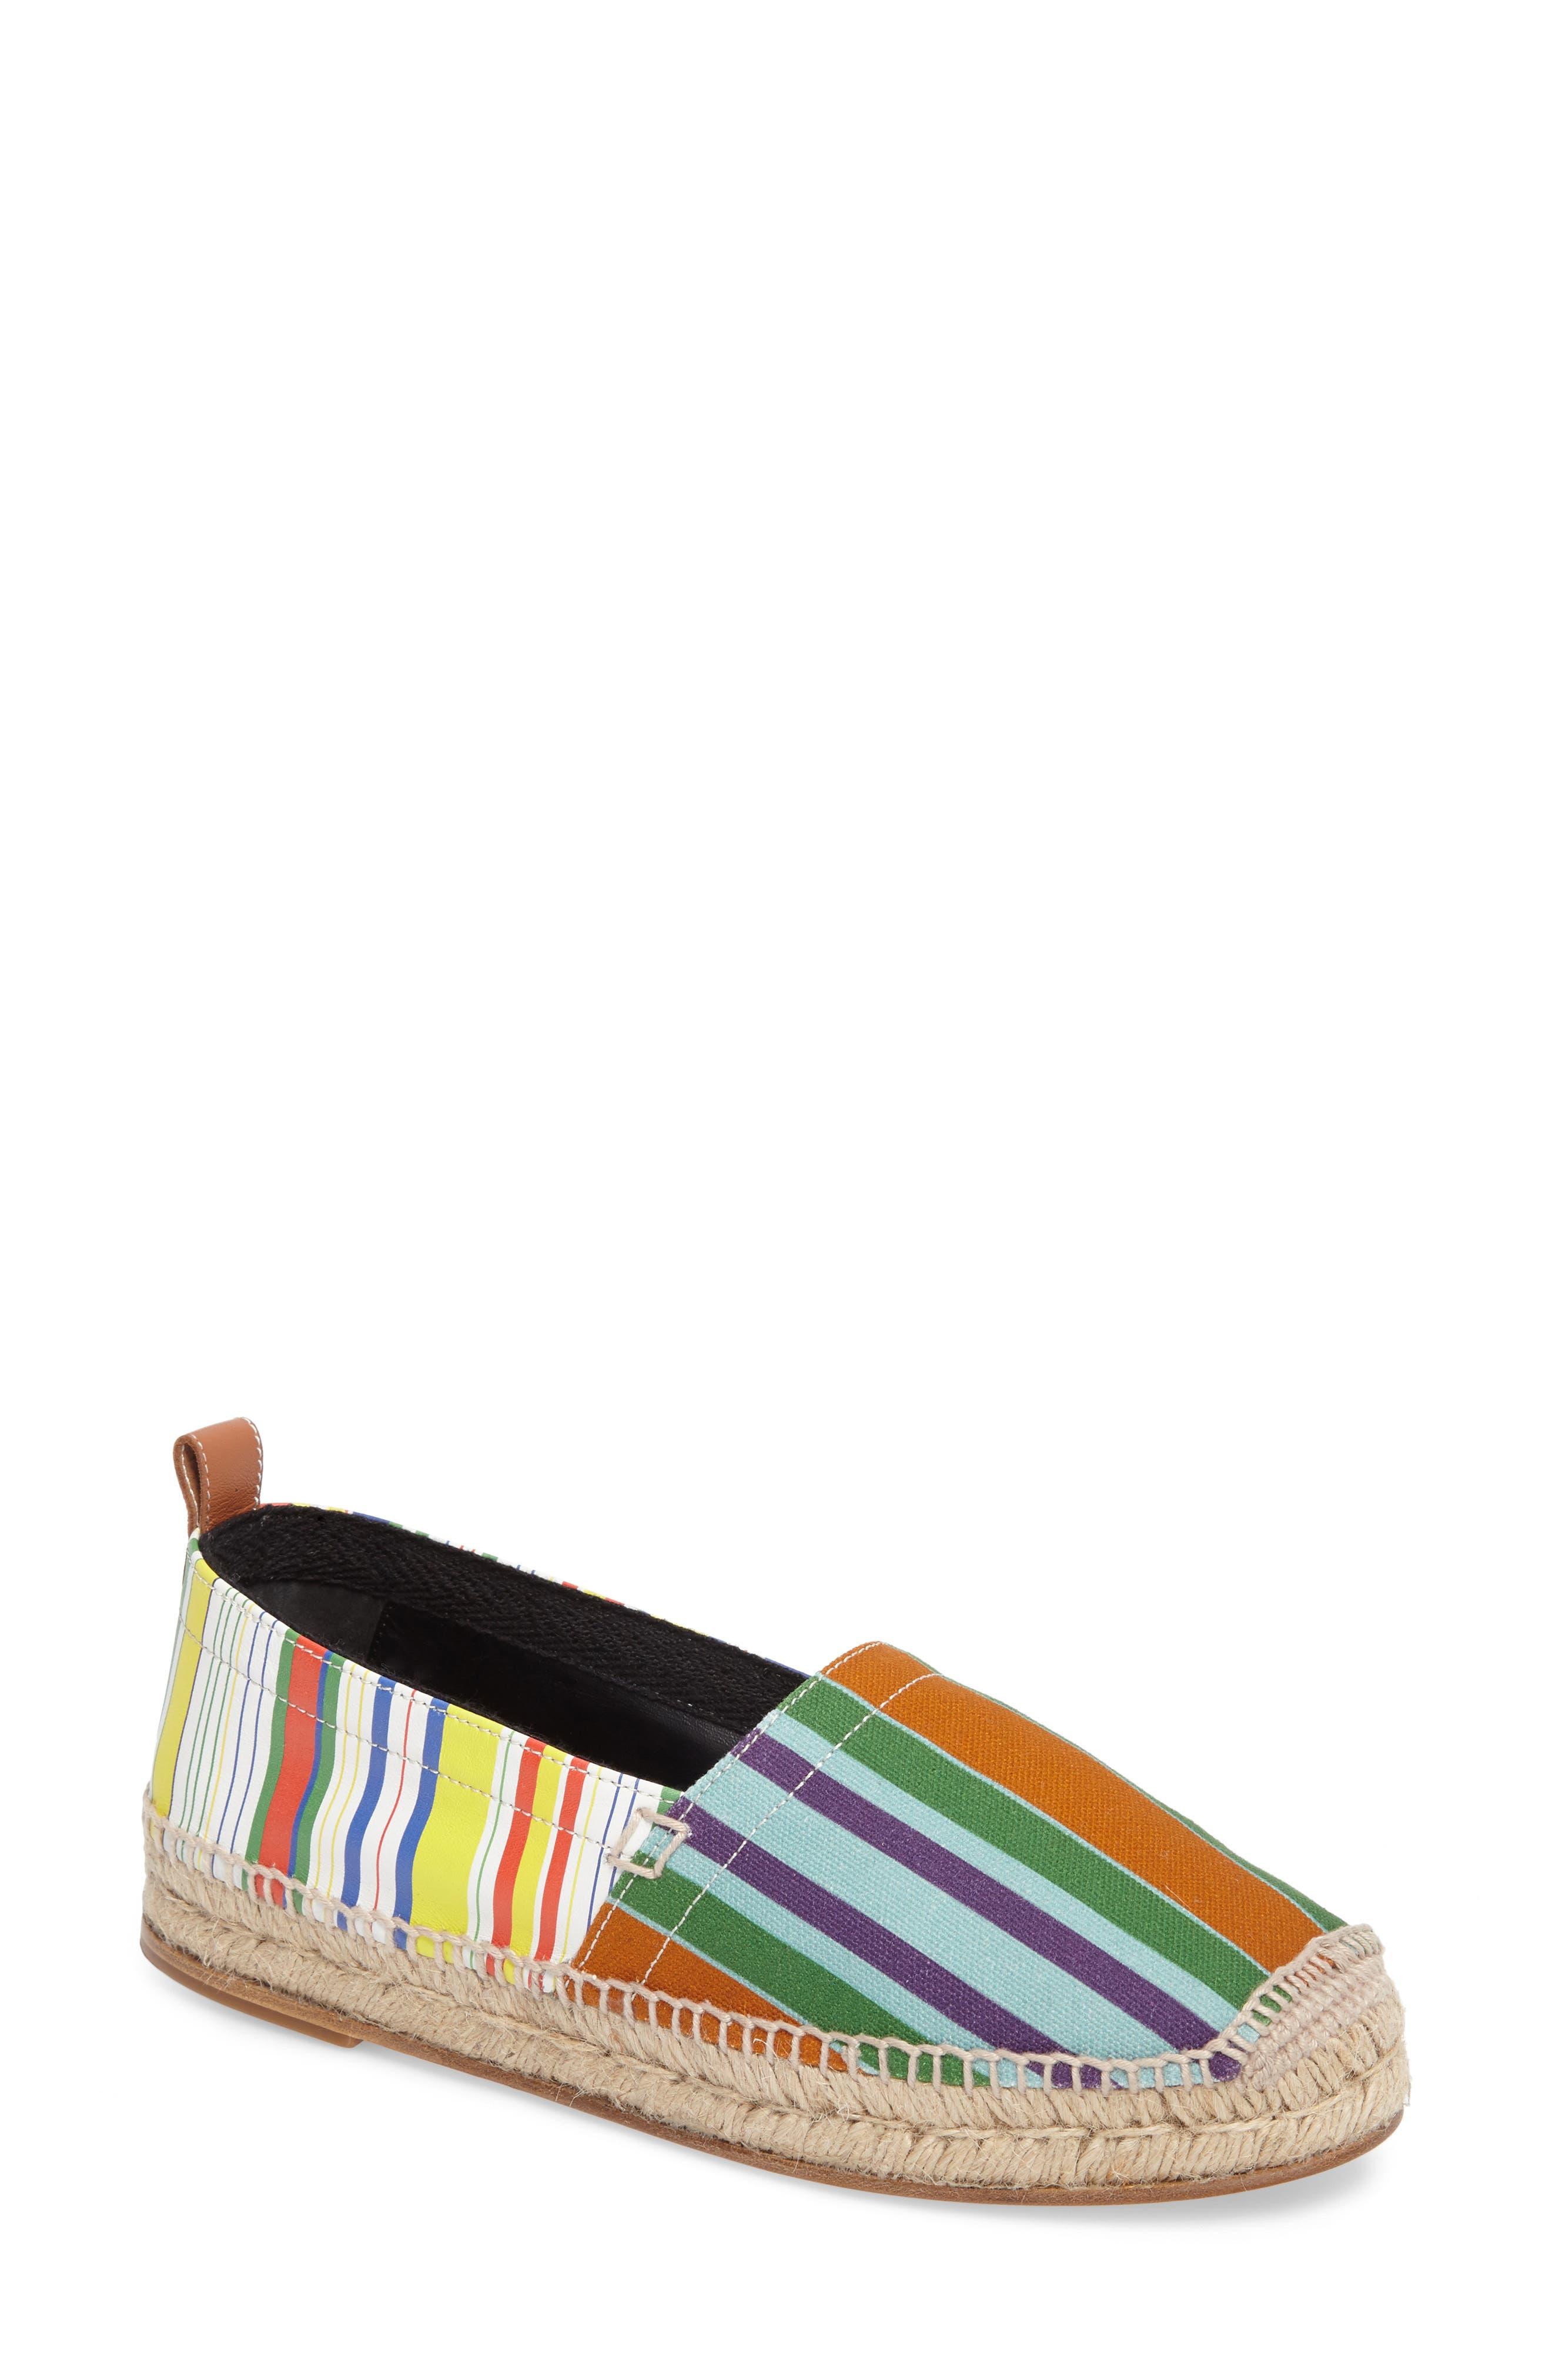 Main Image - Loewe Stripe Espadrille (Women)